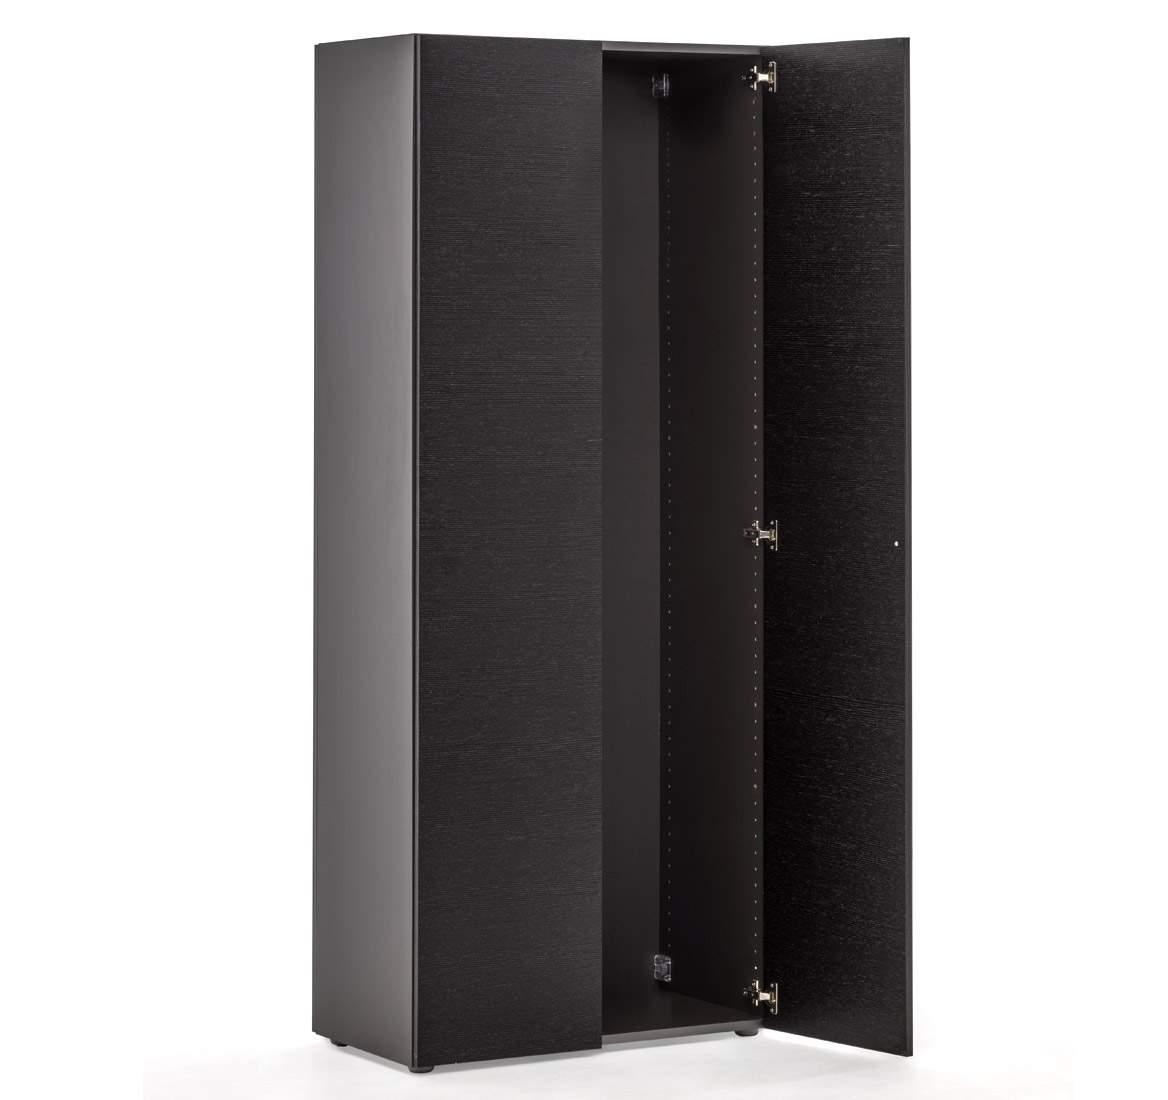 ALEA Каркас шкафа H.193 800x440x1938